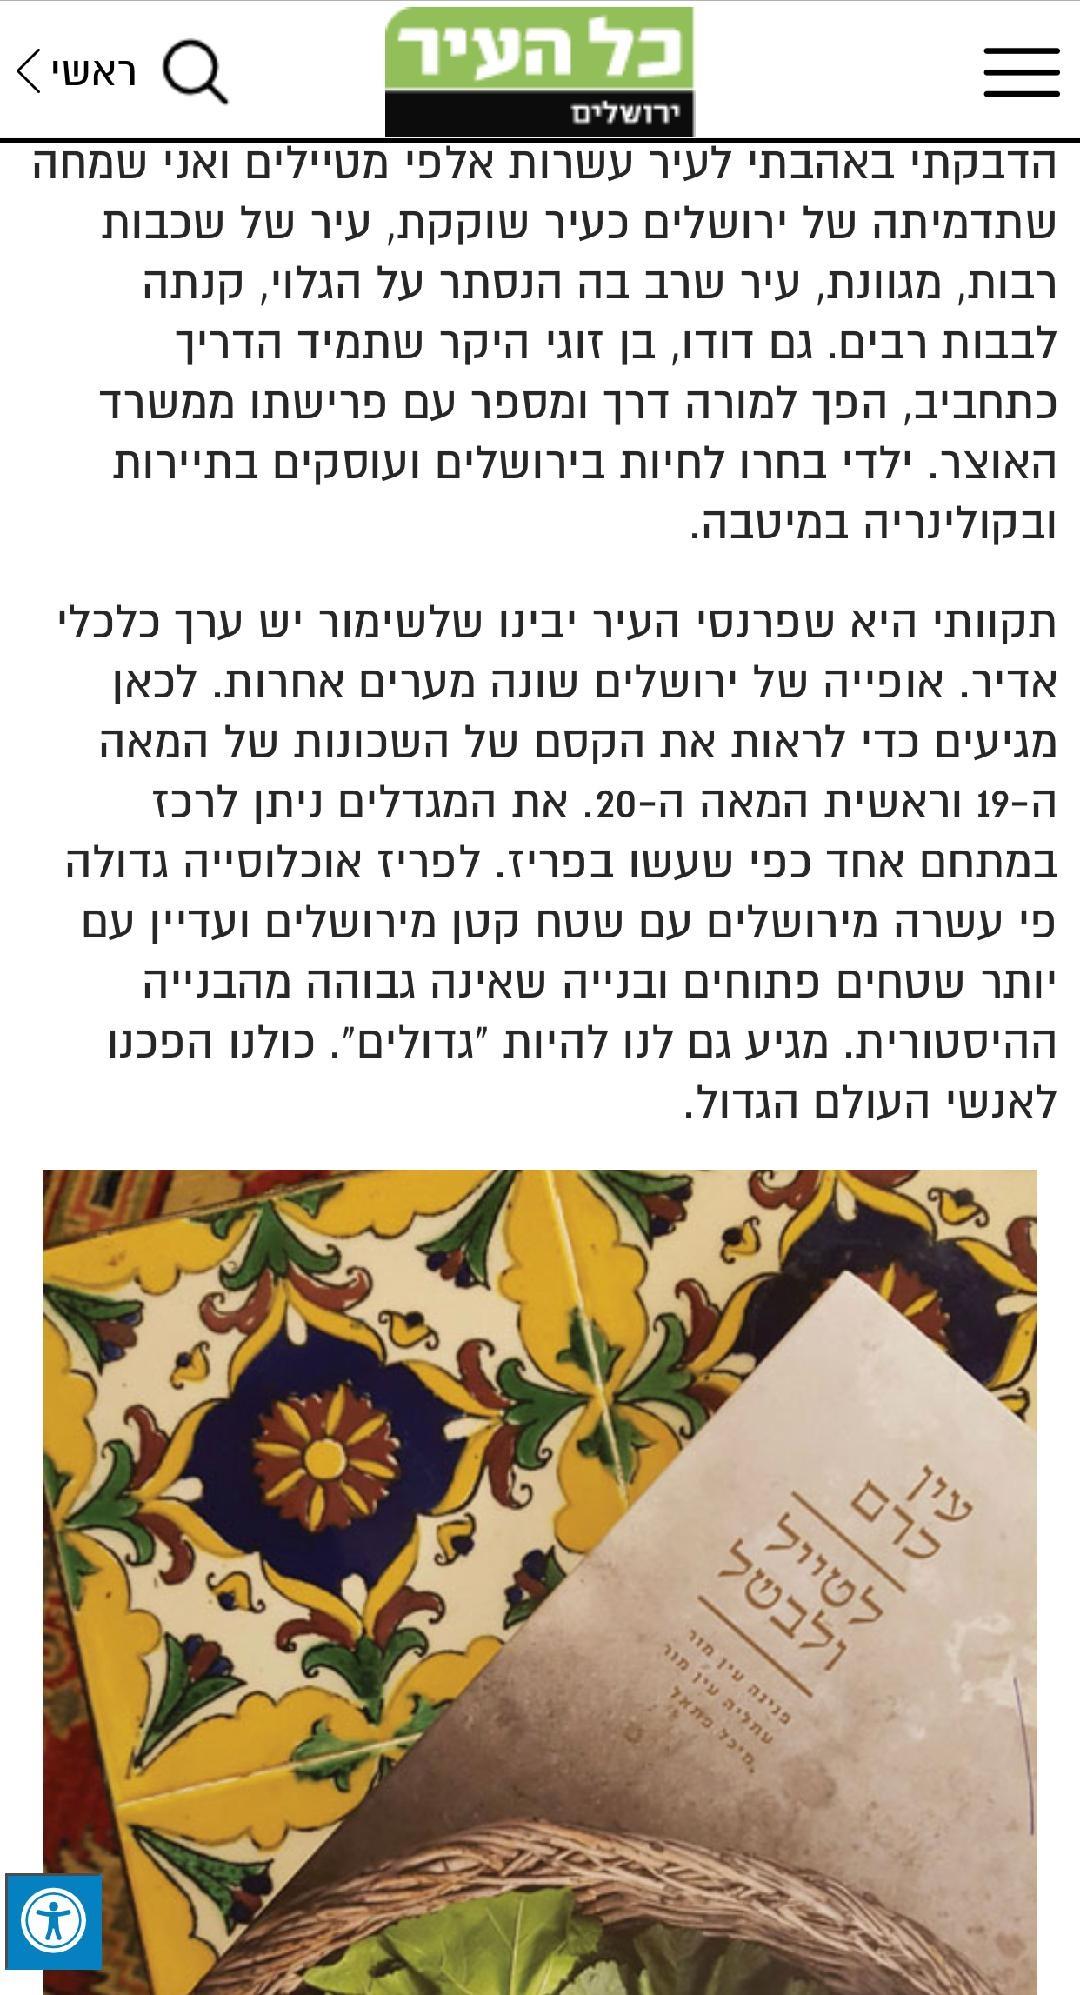 עיתון כל העיר ממליצים על סיורים טיולים בירושלים איתנו